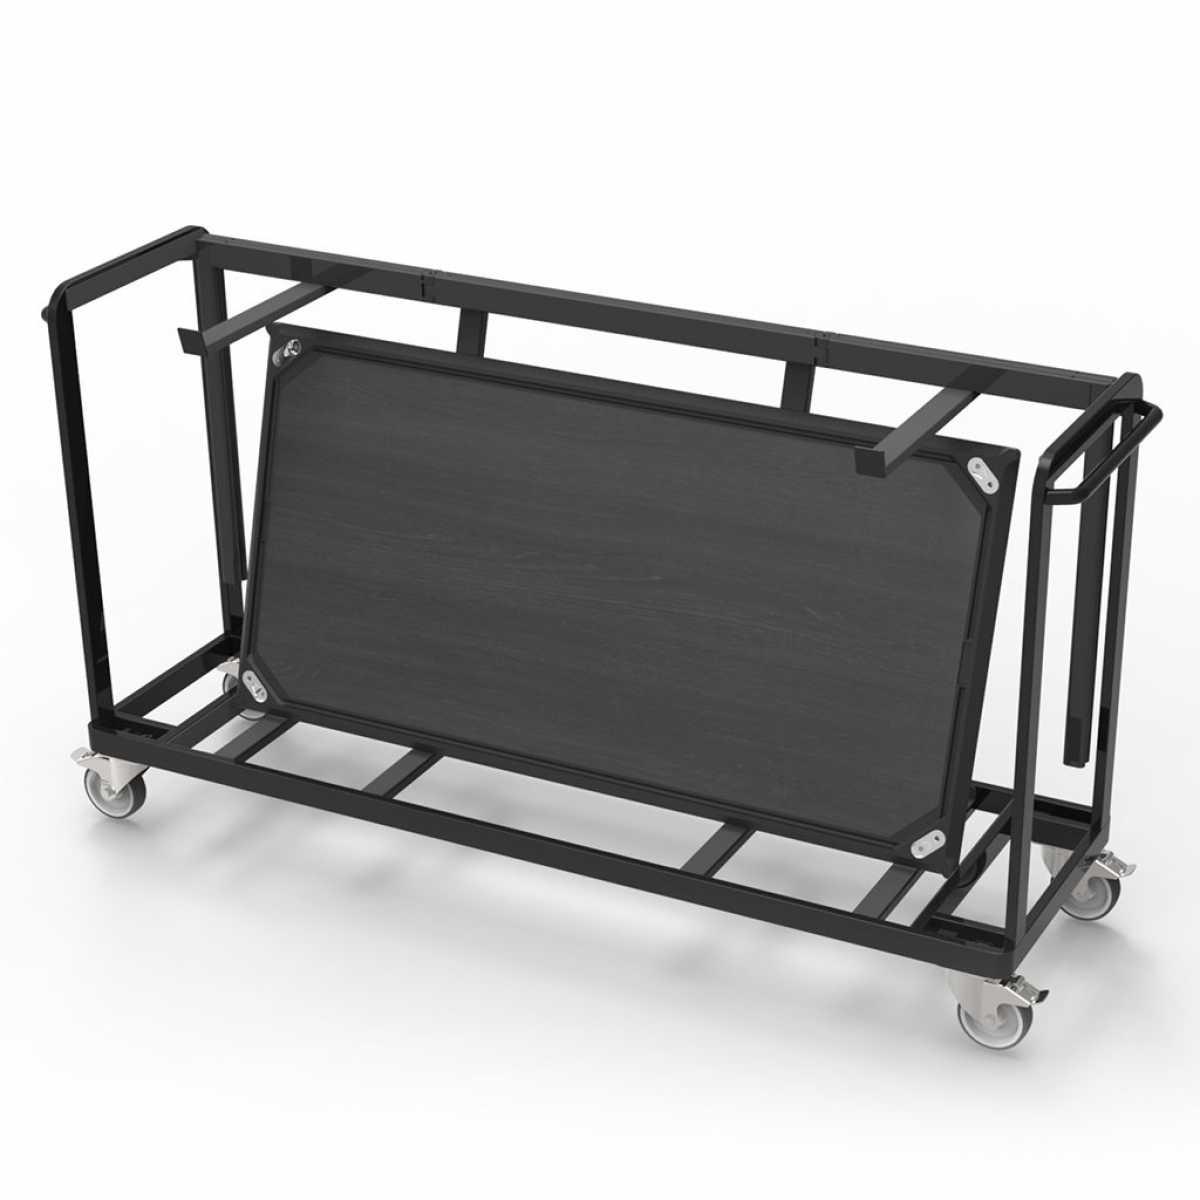 CRASTER 1500 Serisi Dikdörtgen Taşıma Arabası